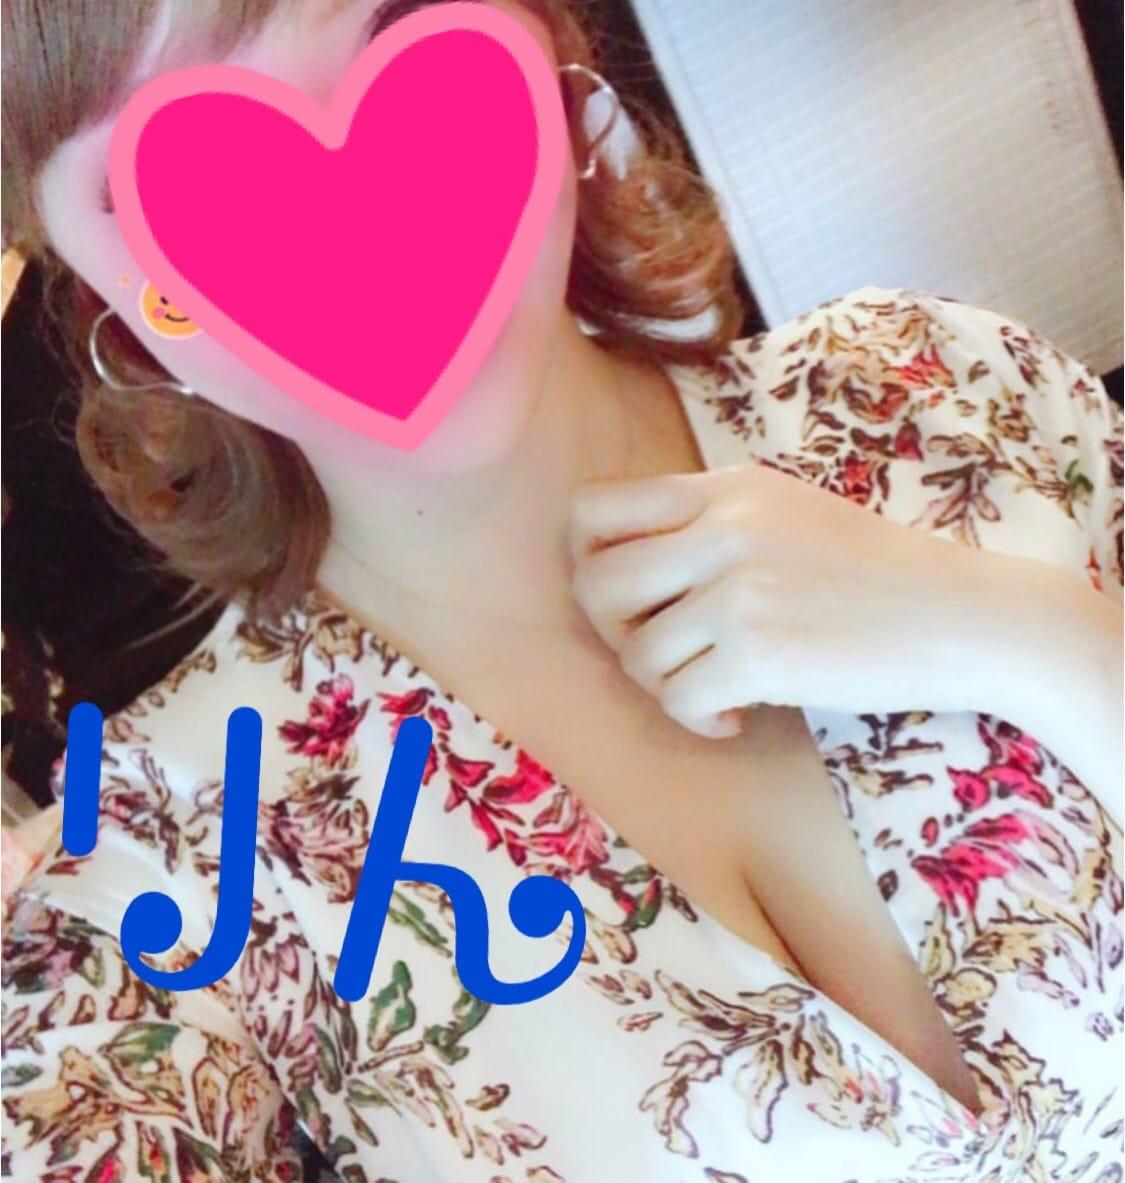 「夜の用意中???」01/16(火) 18:57 | 三咲 りんの写メ・風俗動画